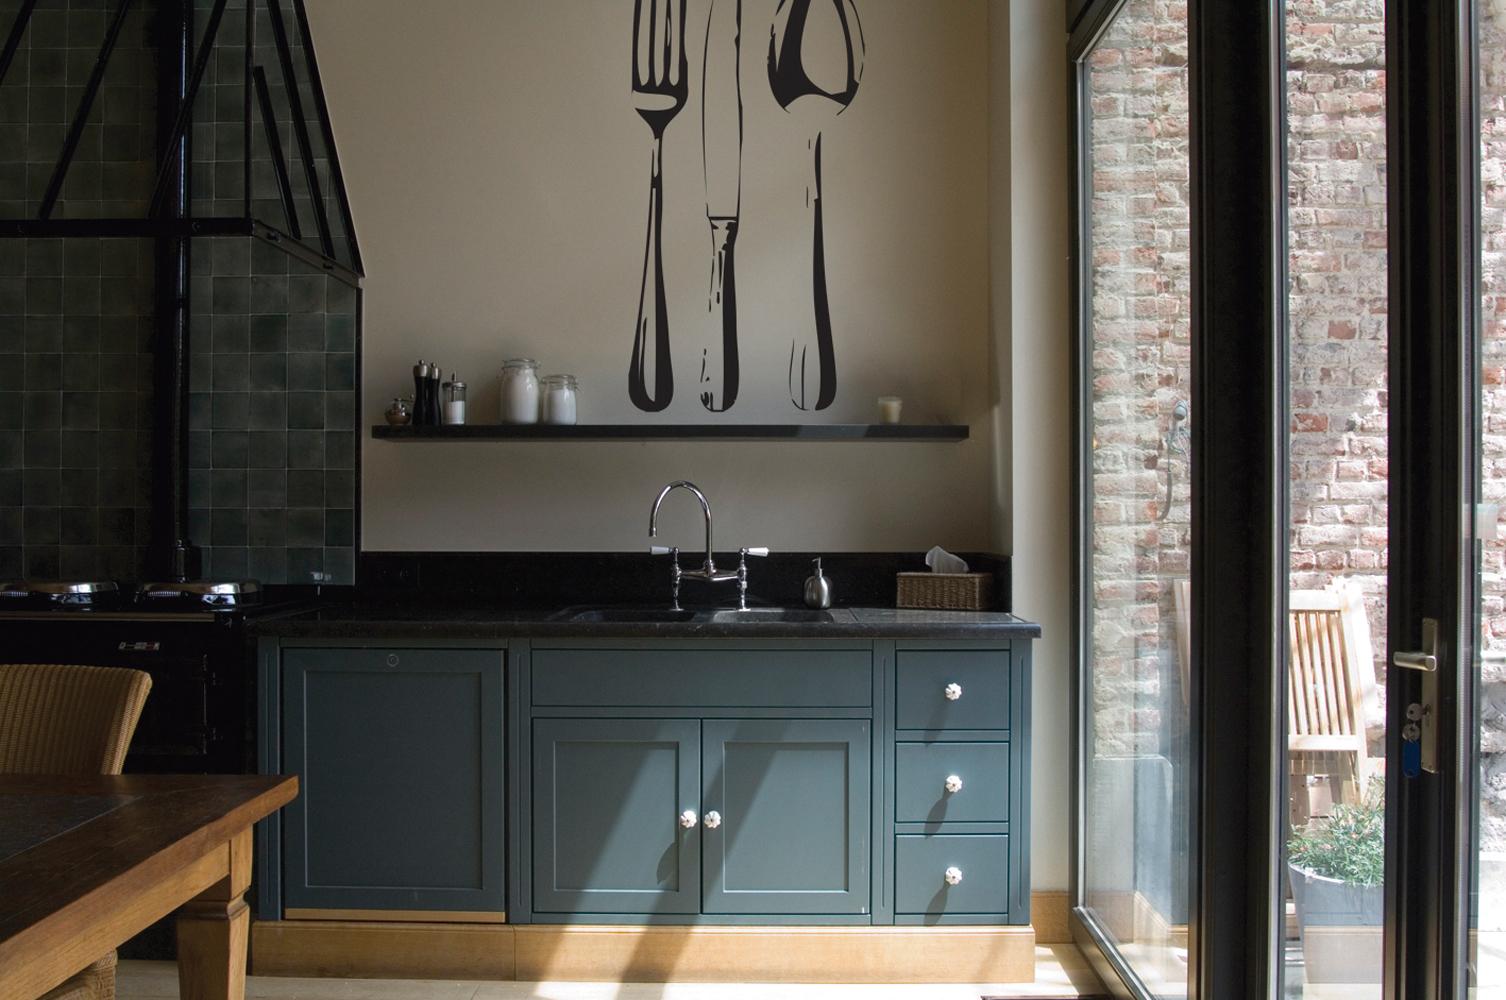 Keuken Kleine Kleur : Verfkleuren voor de keuken painttrade